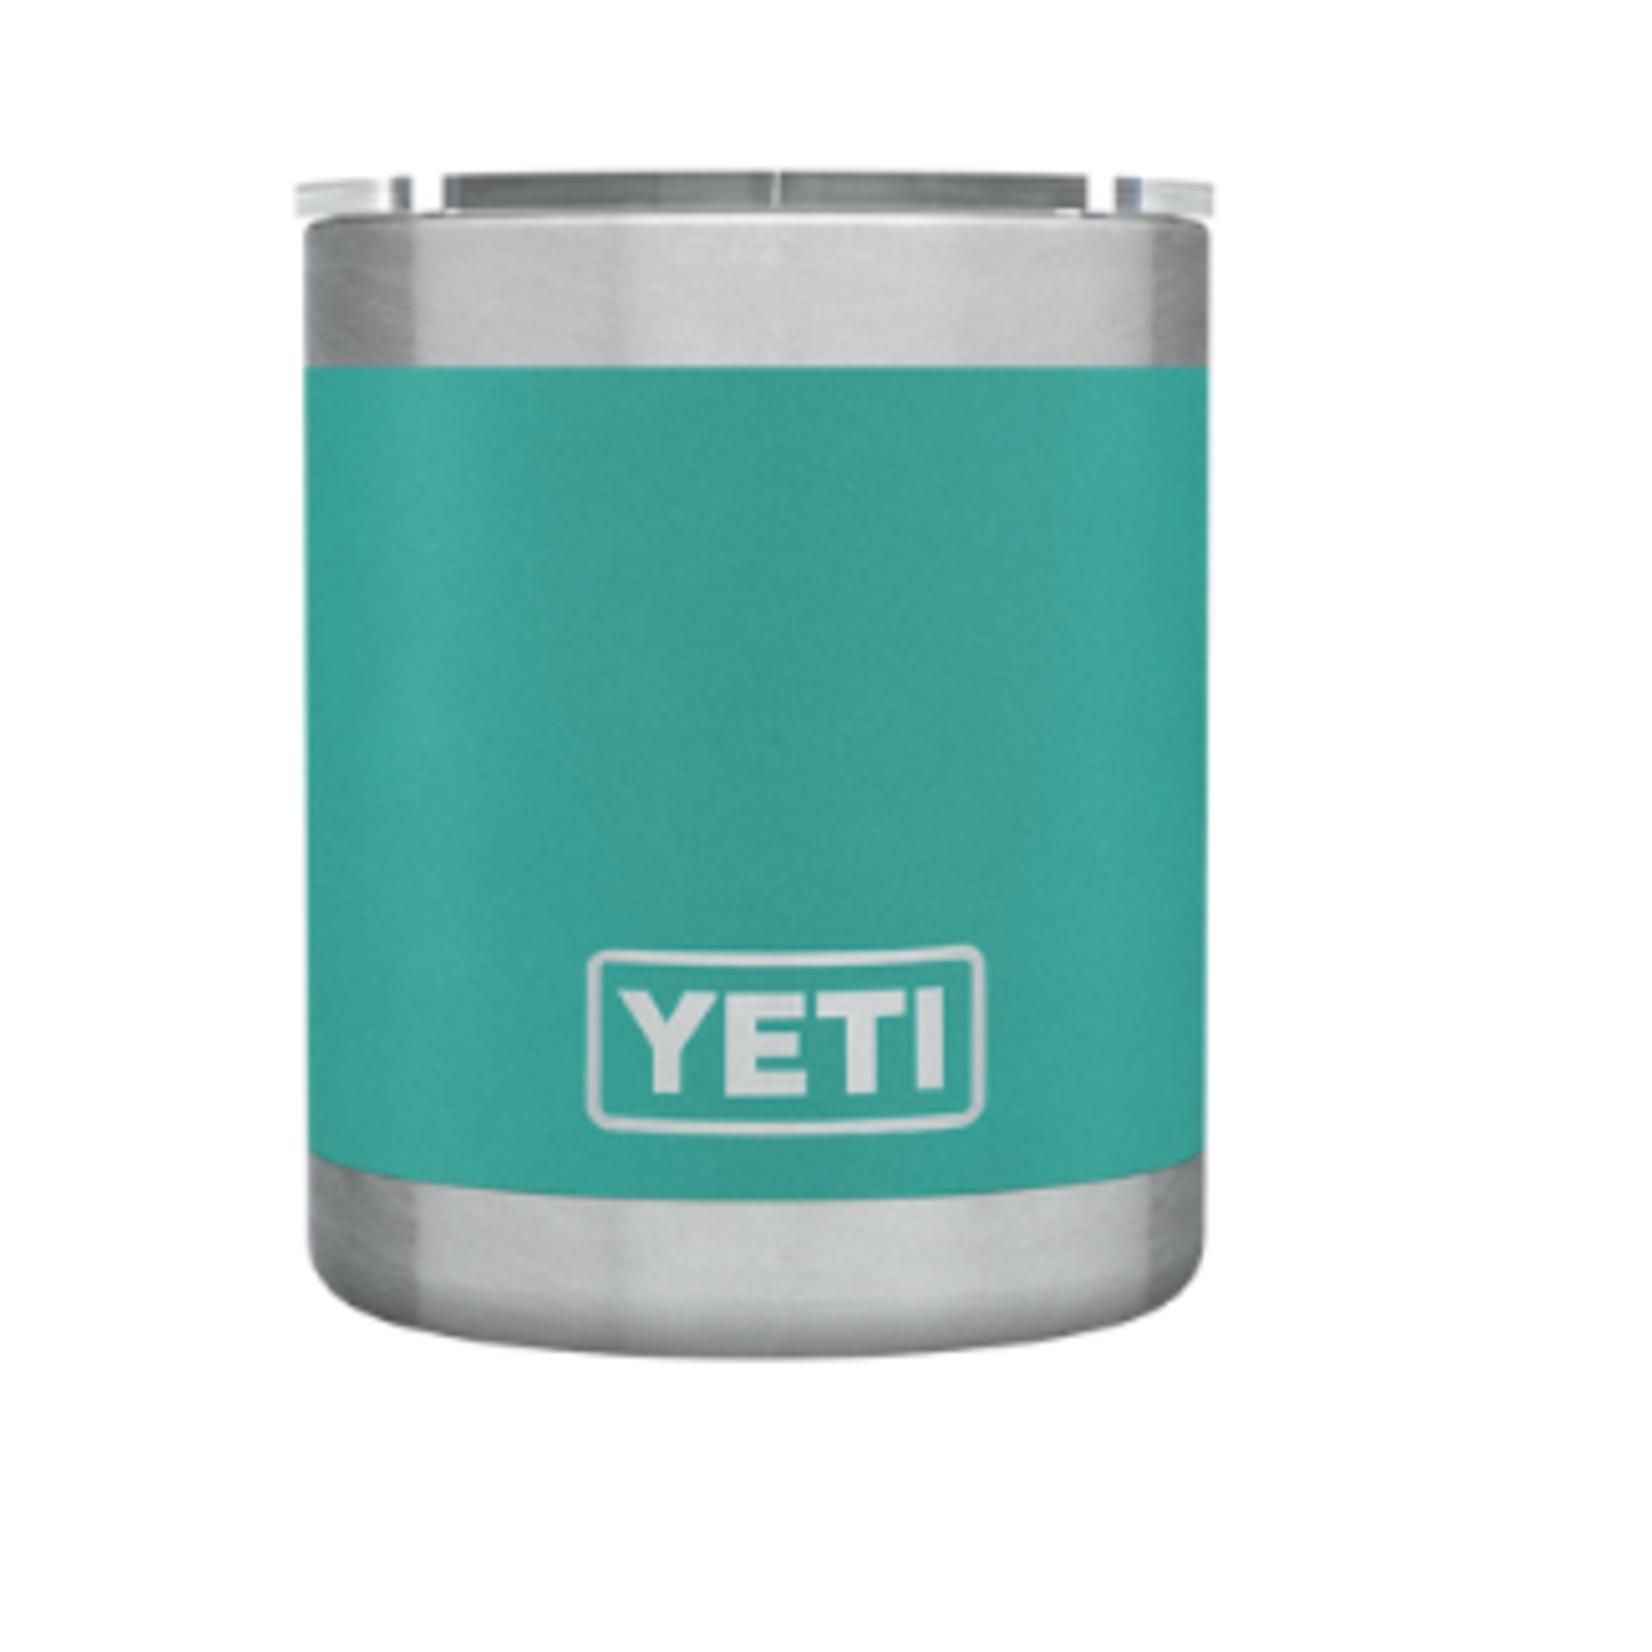 Yeti Yeti Rambler 10 oz Lowball - P-117469